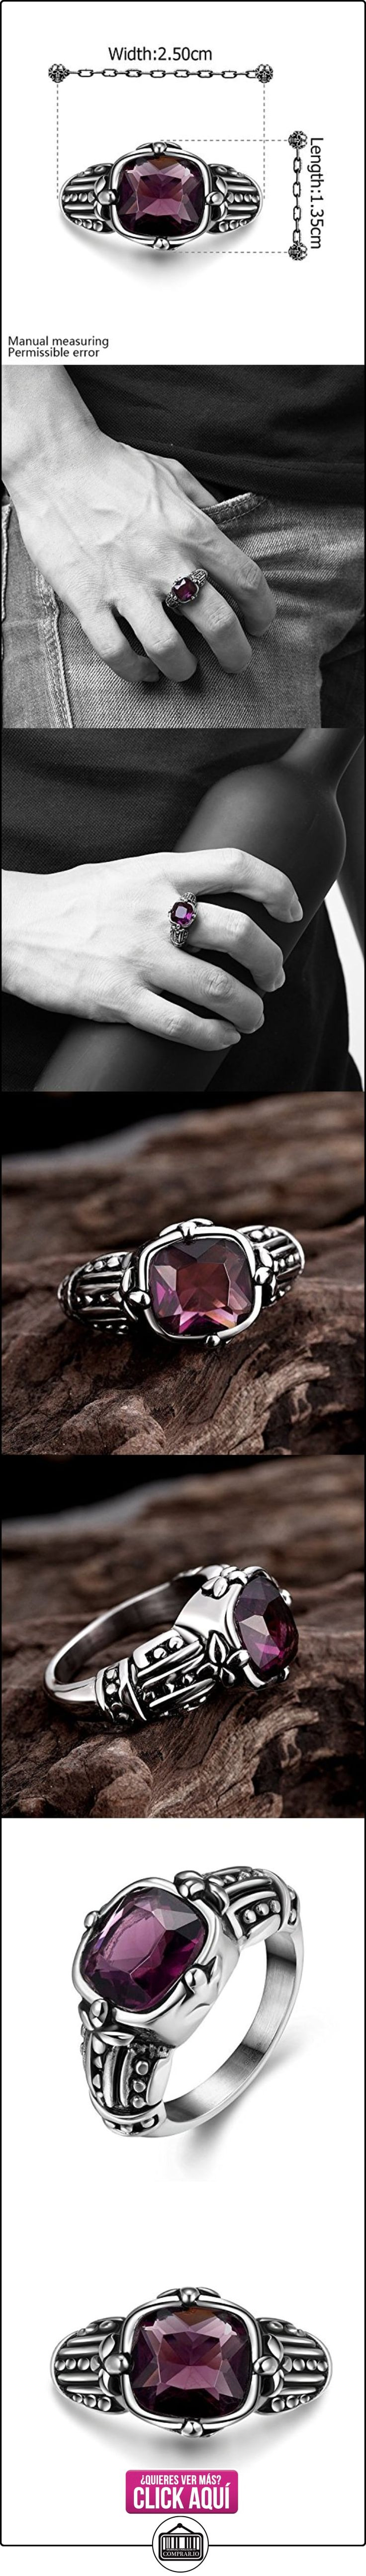 Lureme® acero inoxidable de la vendimia antigua maya motorista retro estilo gótico punk con piedra púrpura plata anillo ancho de banda negro para los hombres (04001228)  ✿ Joyas para mujer - Las mejores ofertas ✿ ▬► Ver oferta: http://comprar.io/goto/B016EZBTR2